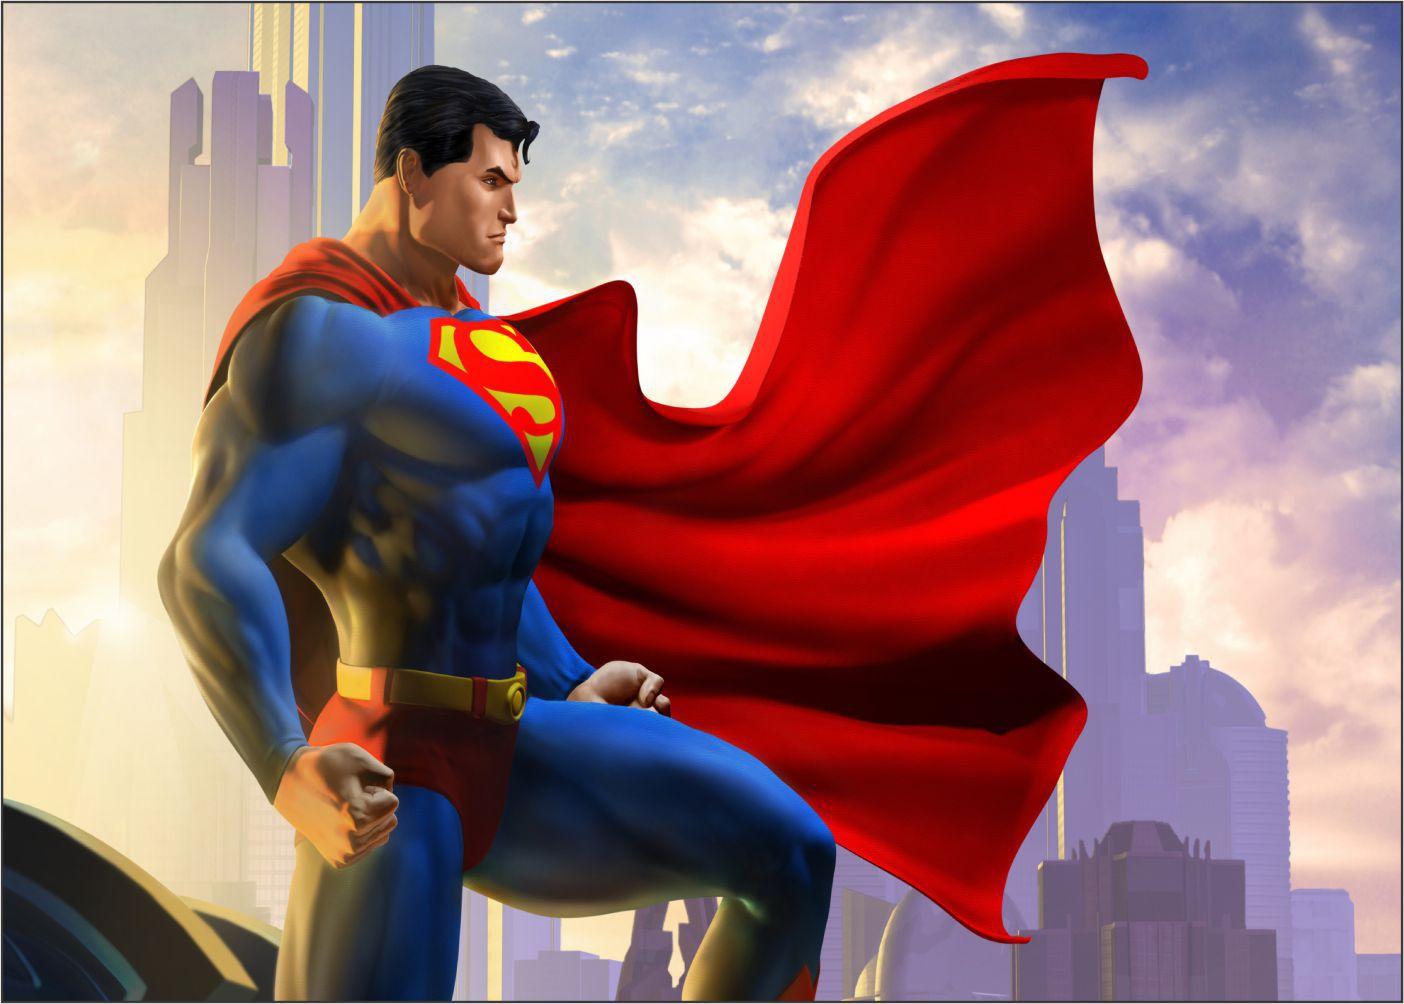 Papel de Parede Infantil Super Heróis 0018 - Adesivos de Parede  - Paredes Decoradas